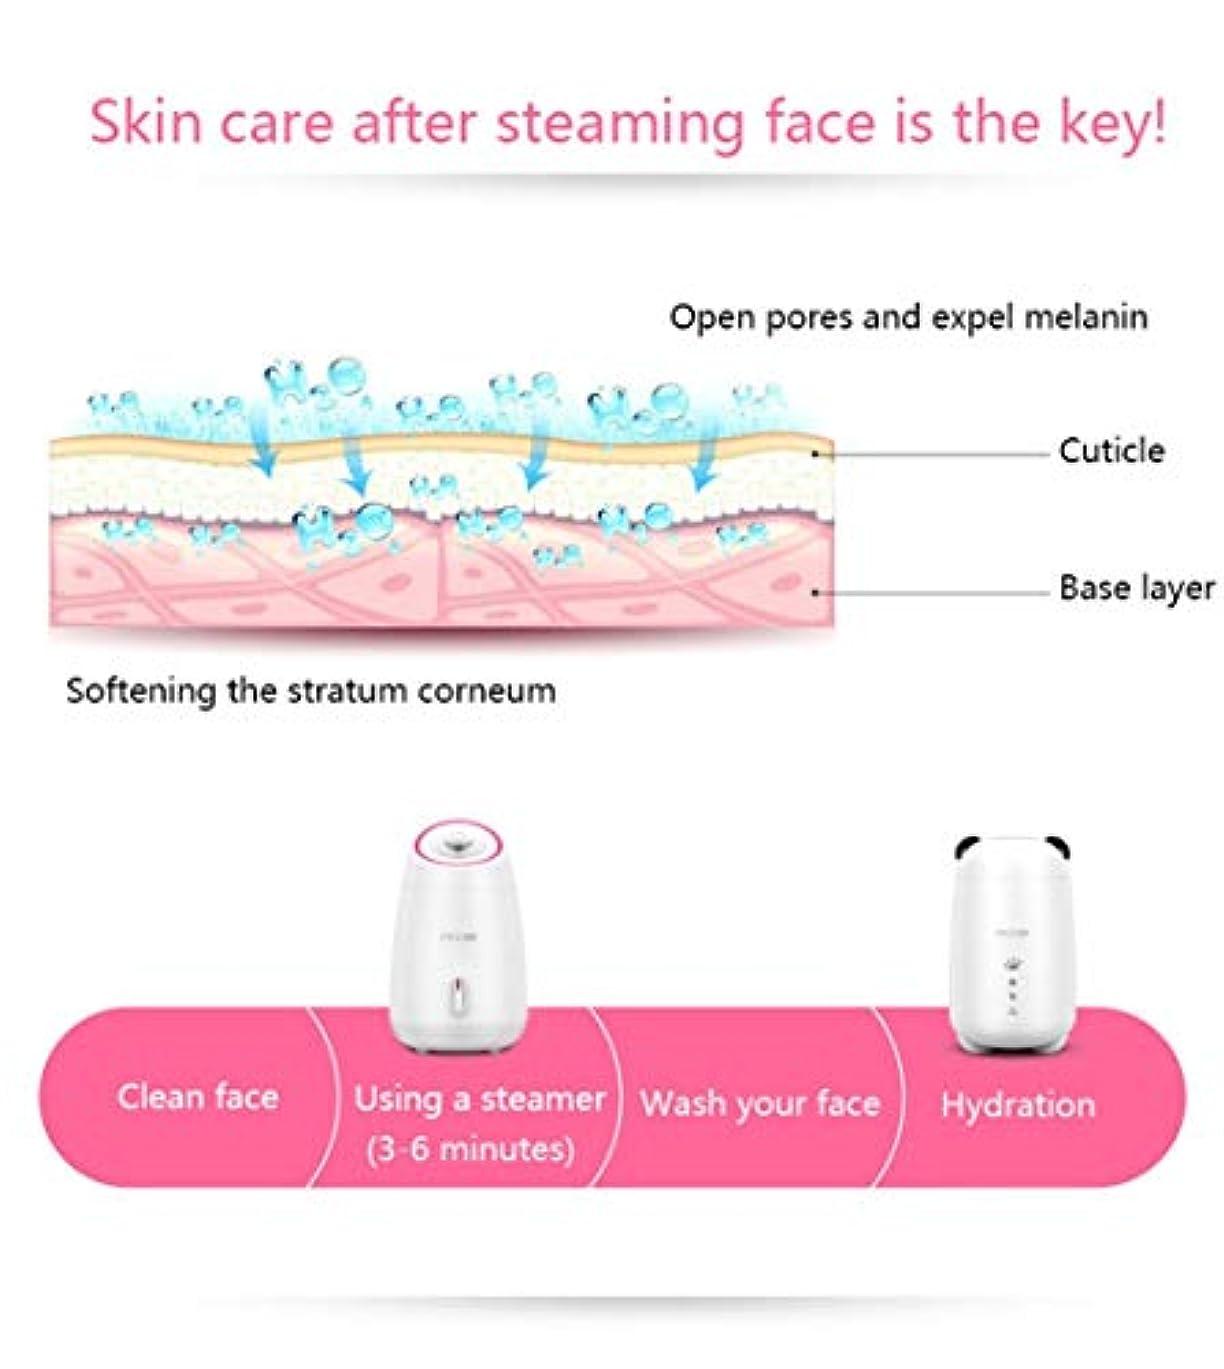 受信思われるレンダーミストモイスチャライジング・フェイシャルSteamerHotミストフェイスSteameにきび洗顔水分補給ホームサウナSPAスキンケアアトマイザー加湿器 (Color : ピンク)